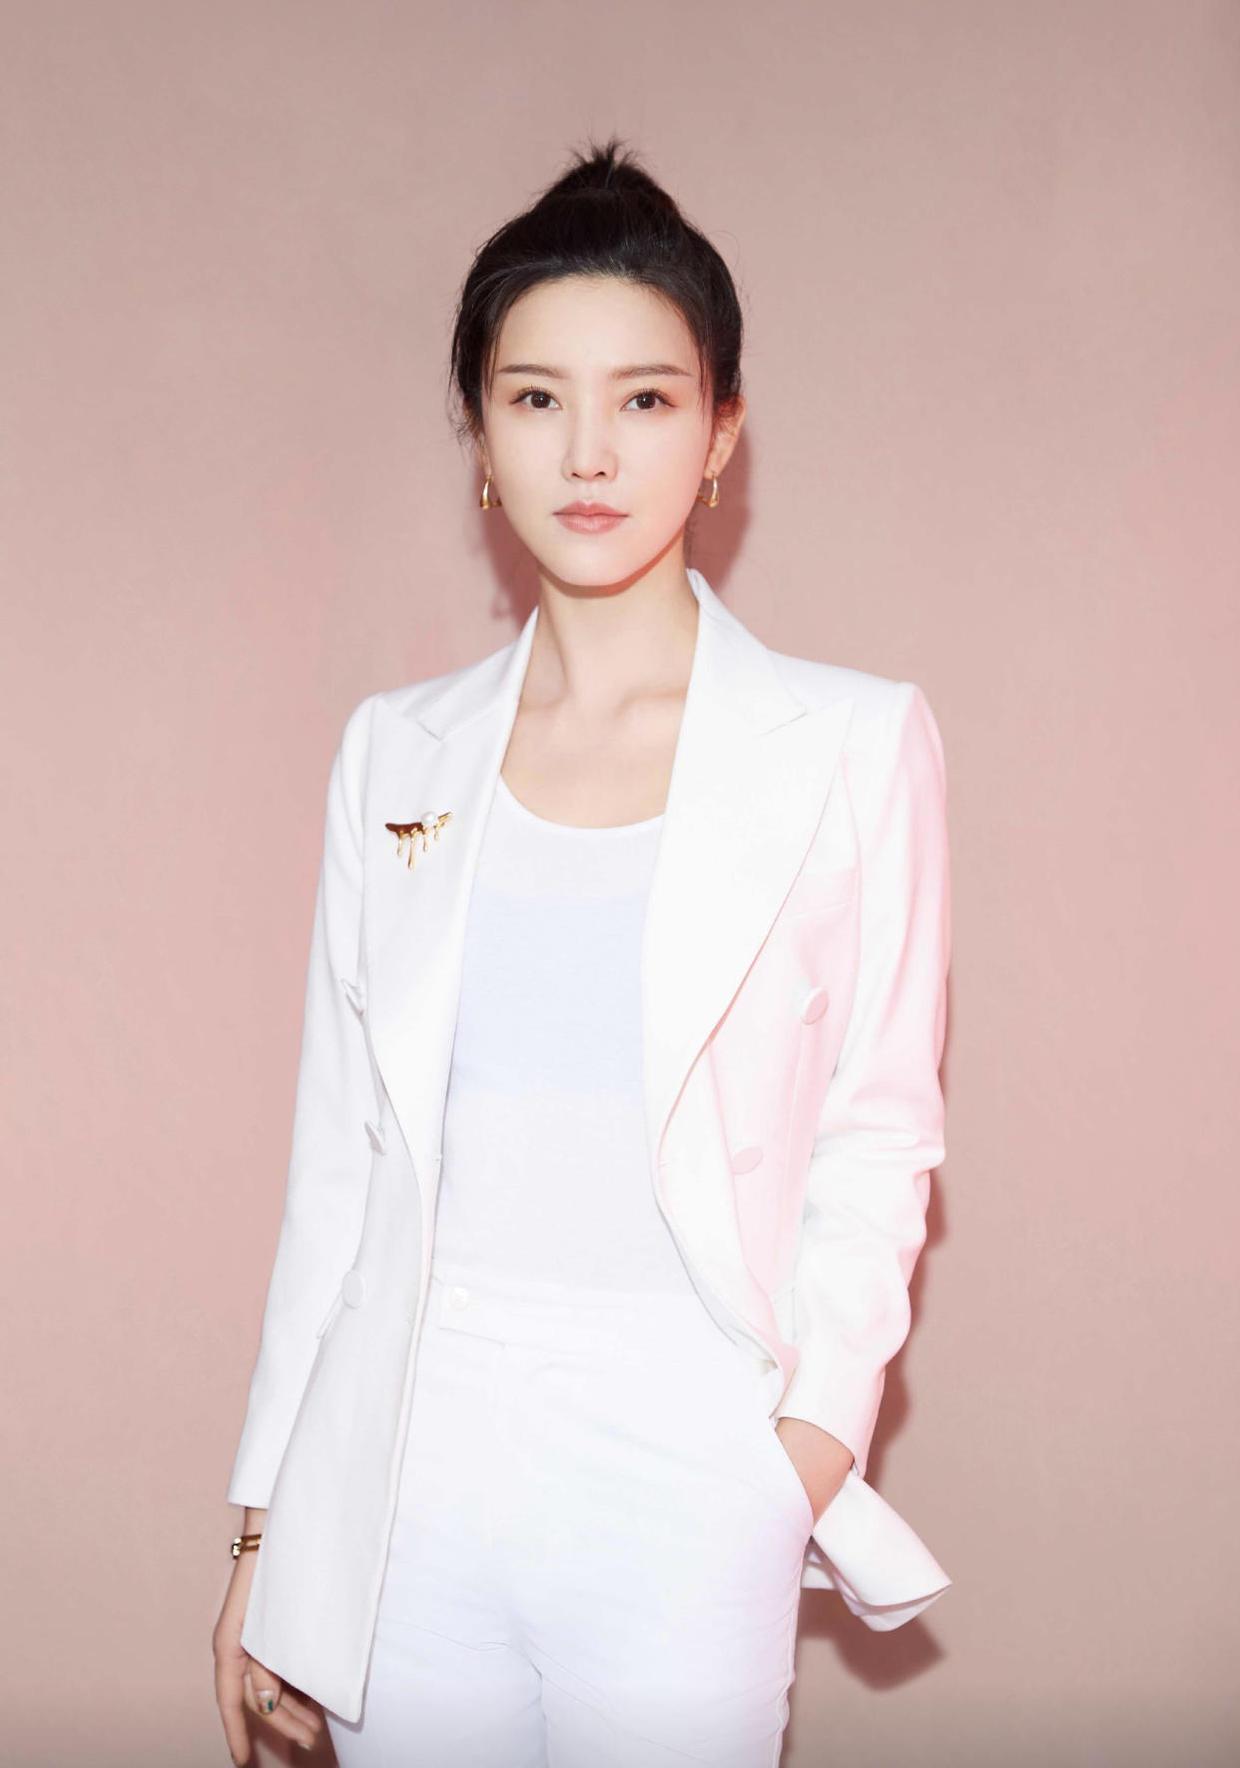 杨子姗厉害了,穿一件白色的西装外套搭配长裤,时髦迷人